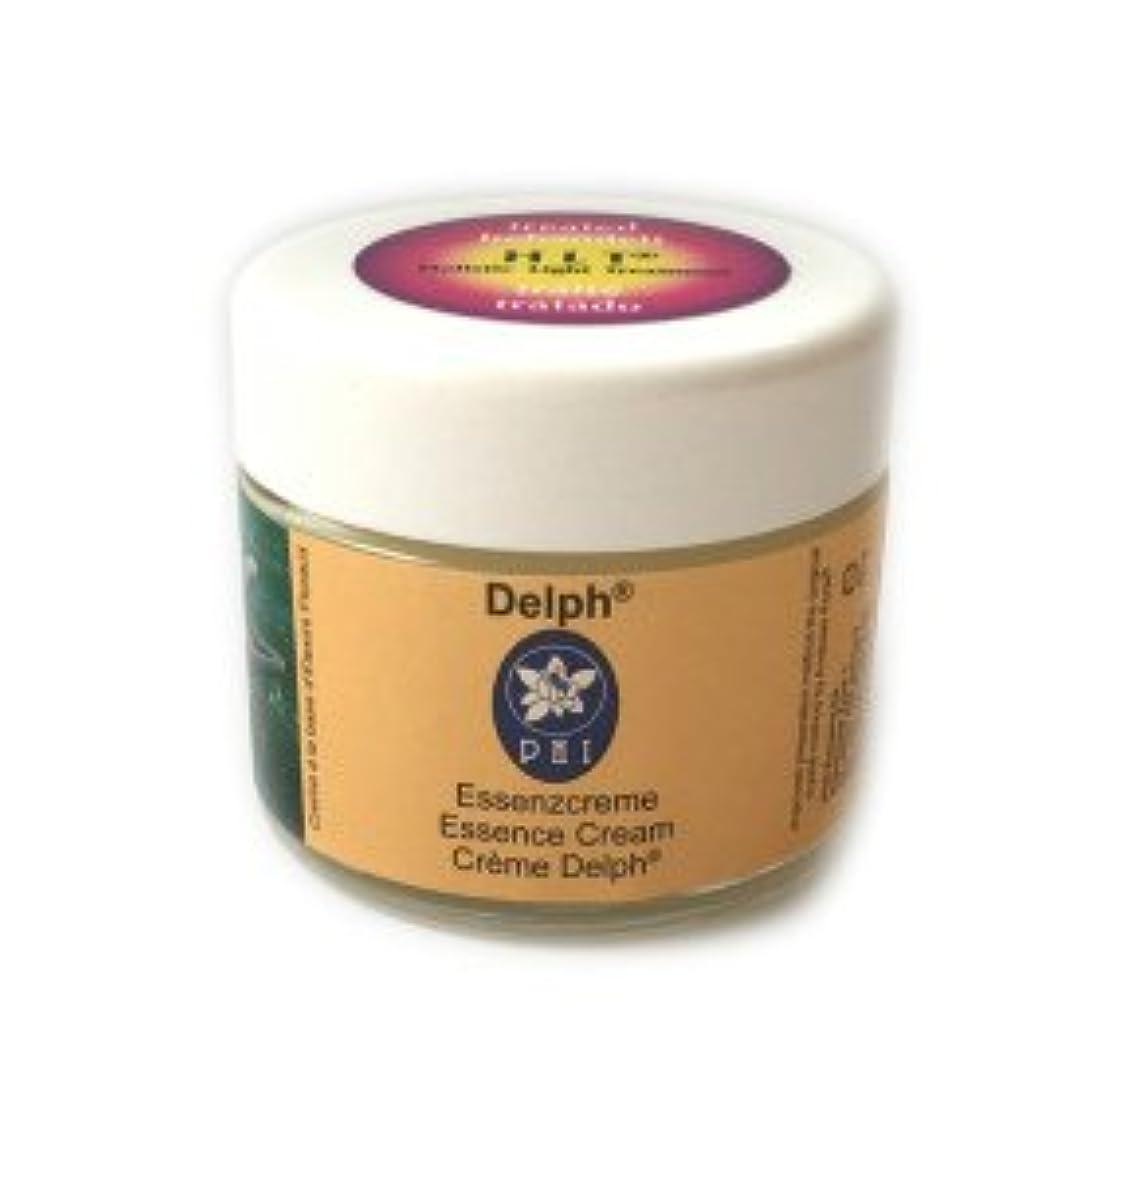 テレックス上院不利コルテPHI エッセンスクリーム デルフクリーム 60g +HLT 日本国内正規品